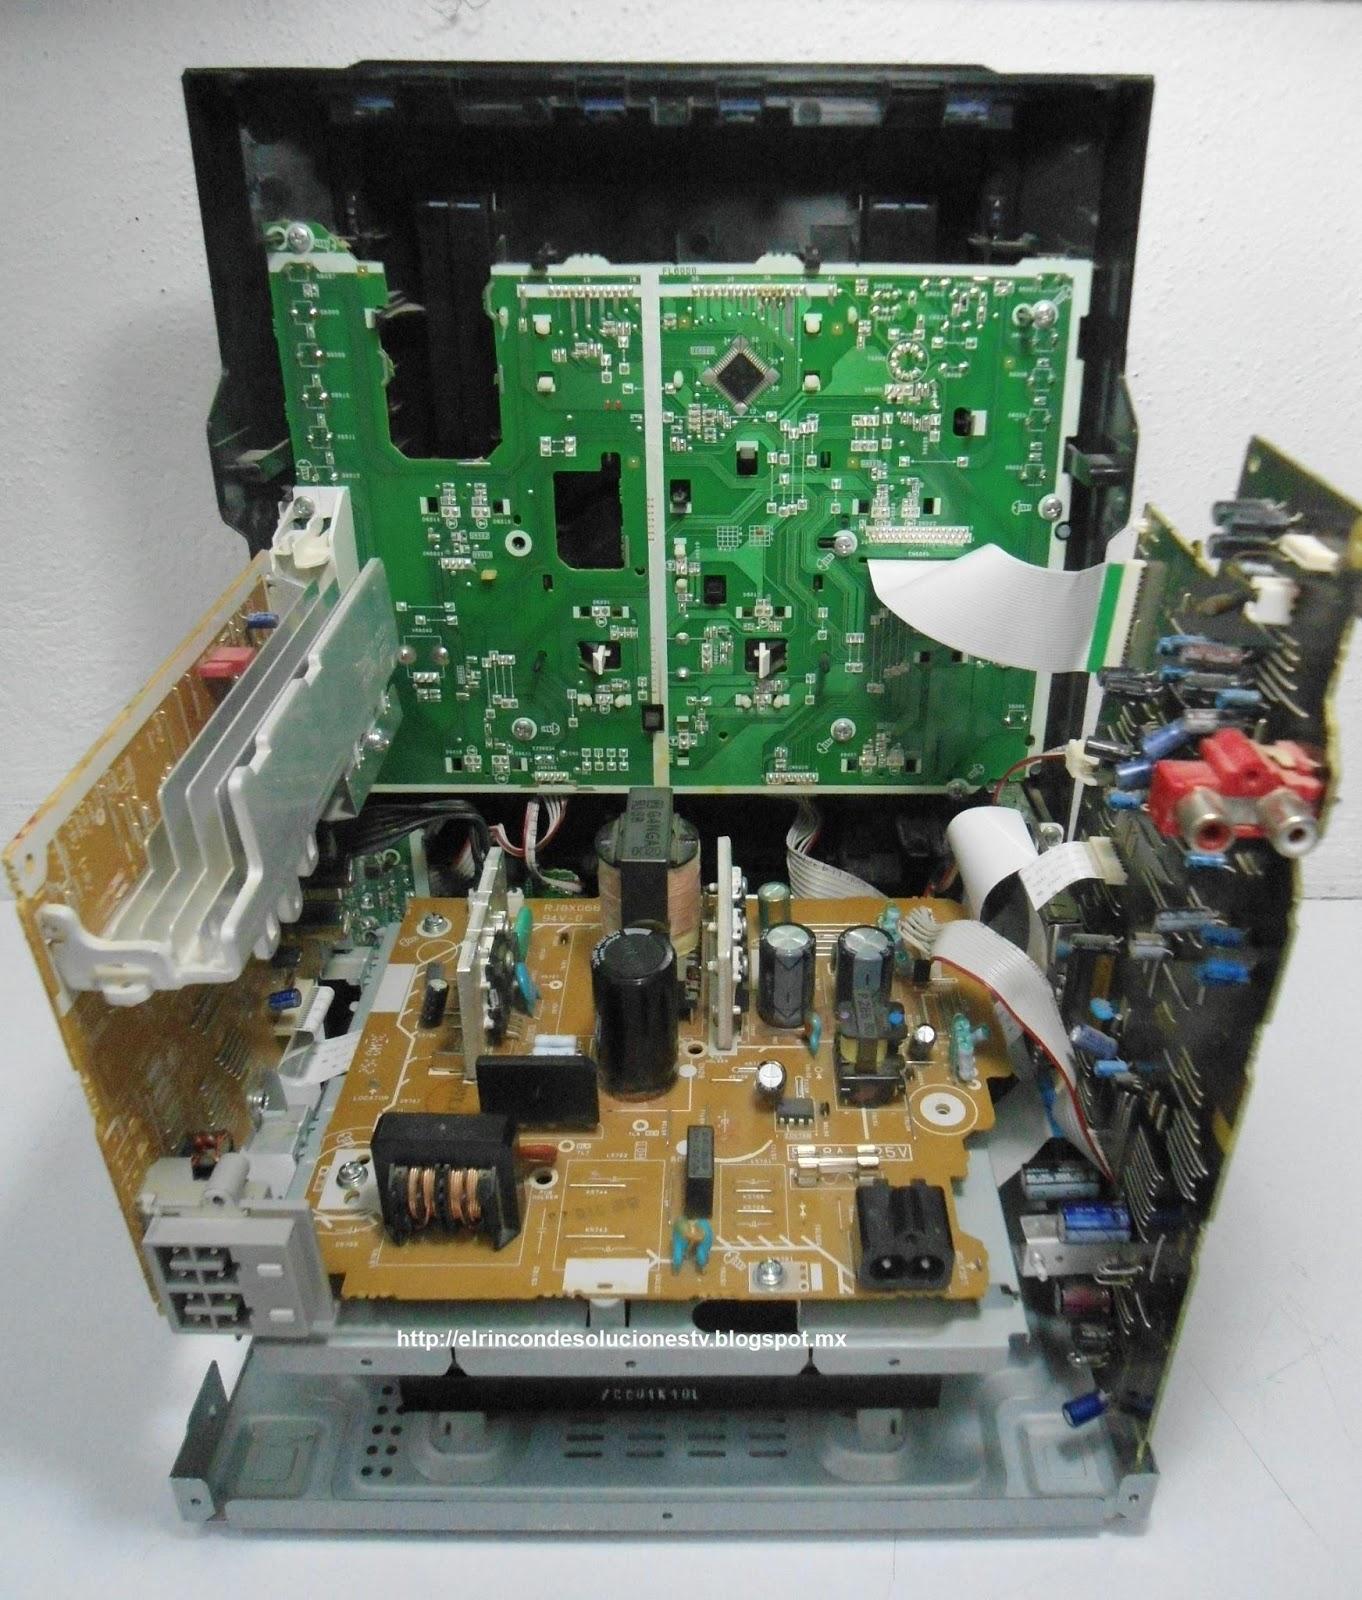 El rincón de soluciones tv    : Panasonic SAAKX50